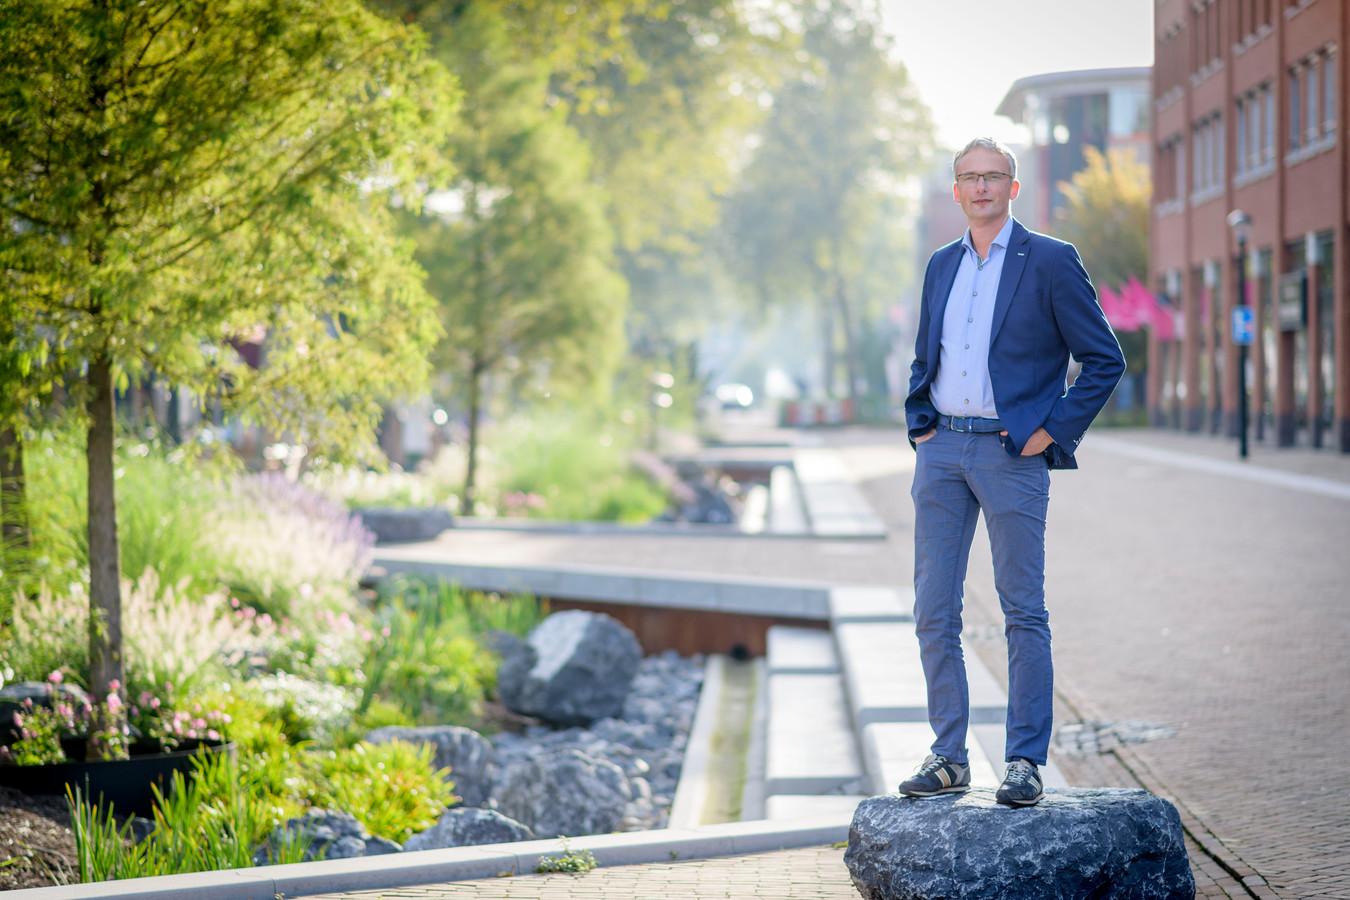 Wim Voogt van OKRA Landschapsarchitecten mag van zichzelf best een beetje trots zijn op het resultaat van zijn ontwerp voor de Grotestraat dat een prijs heeft gewonnen.